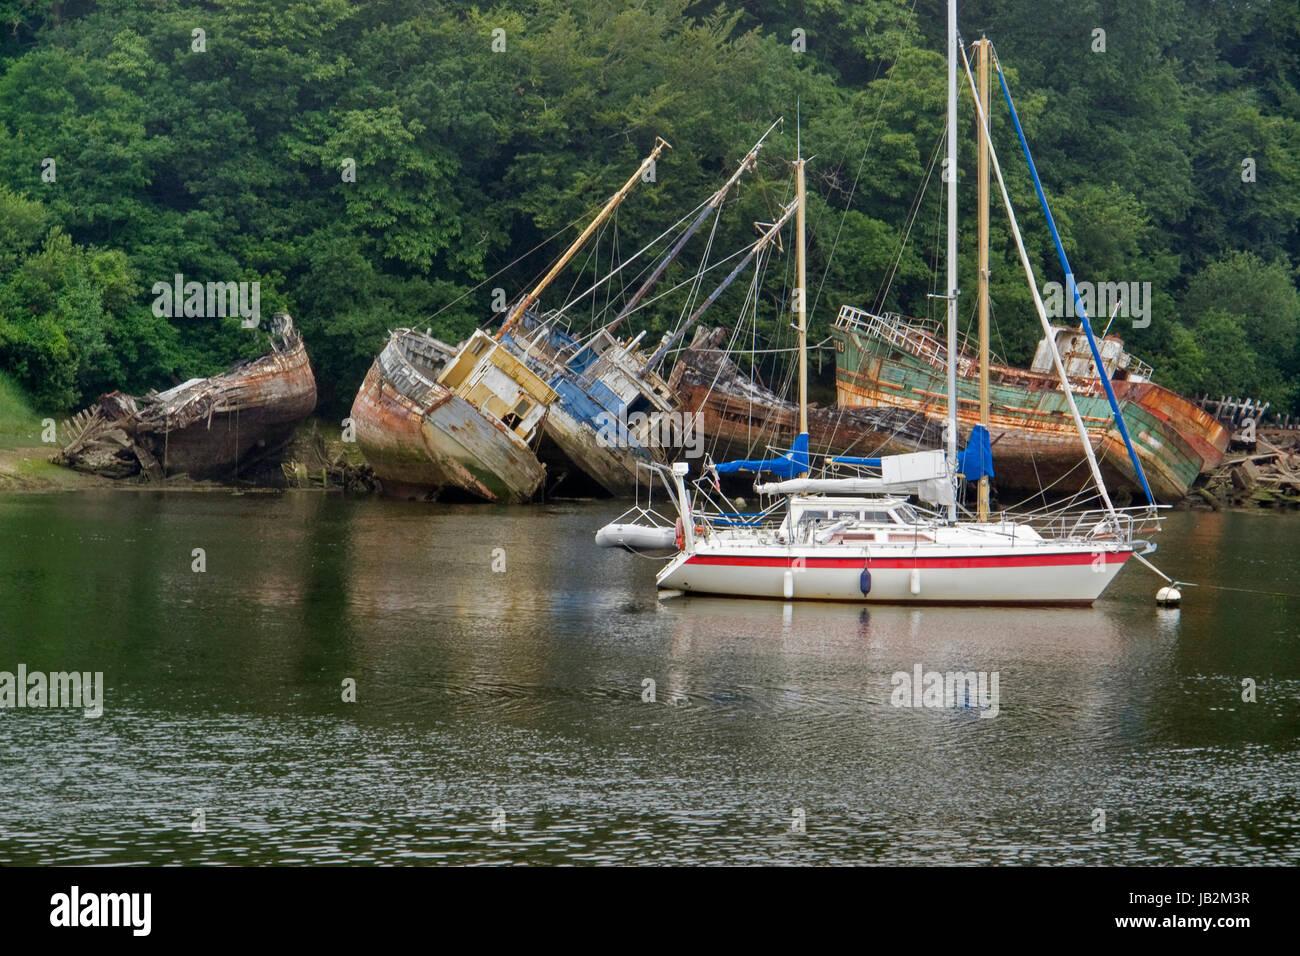 Schiffswracks und Boot auf einem Fluss in der Bretagne, Frankreich Stockbild